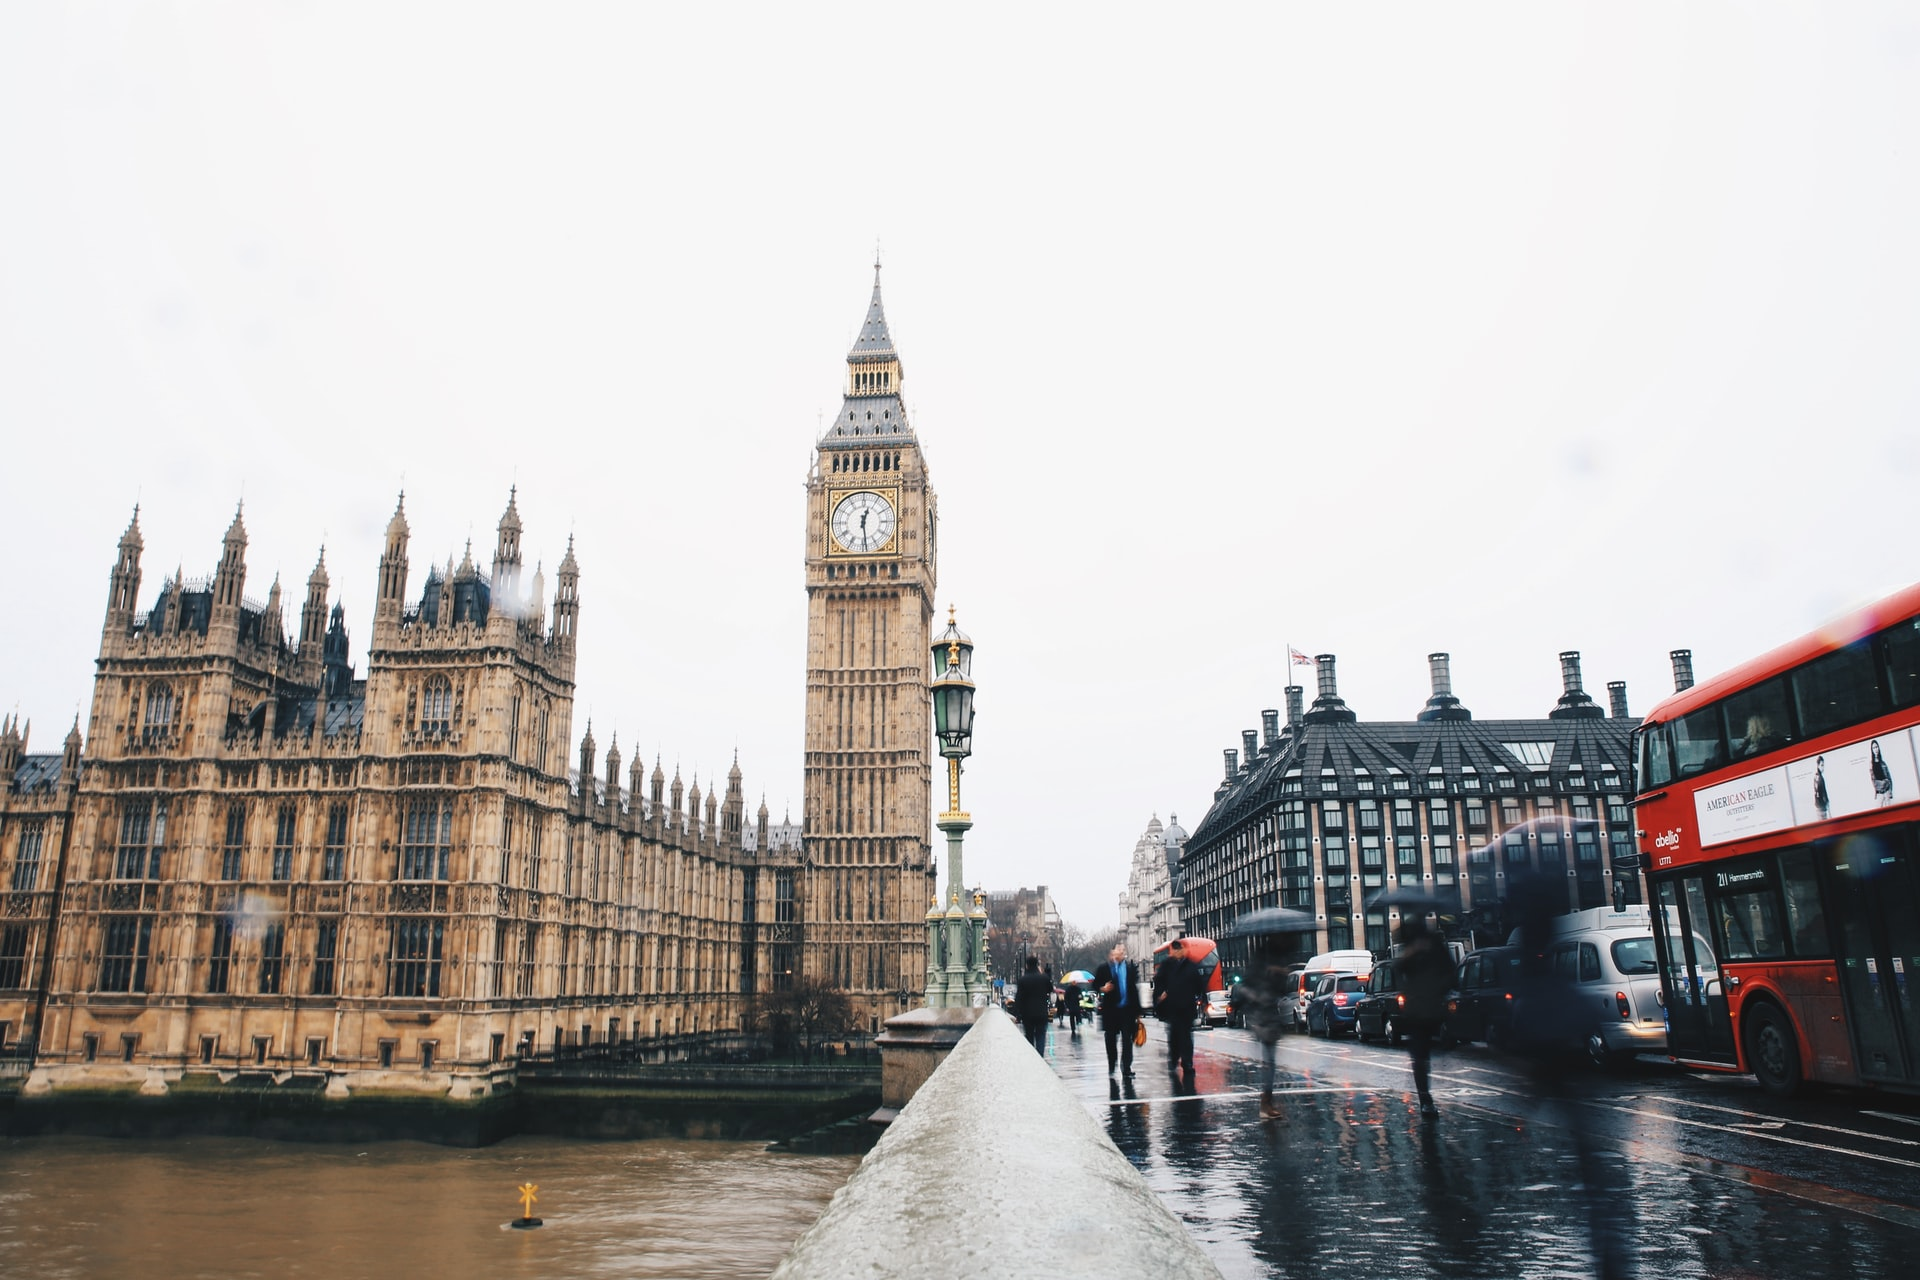 United Kingdom immigration